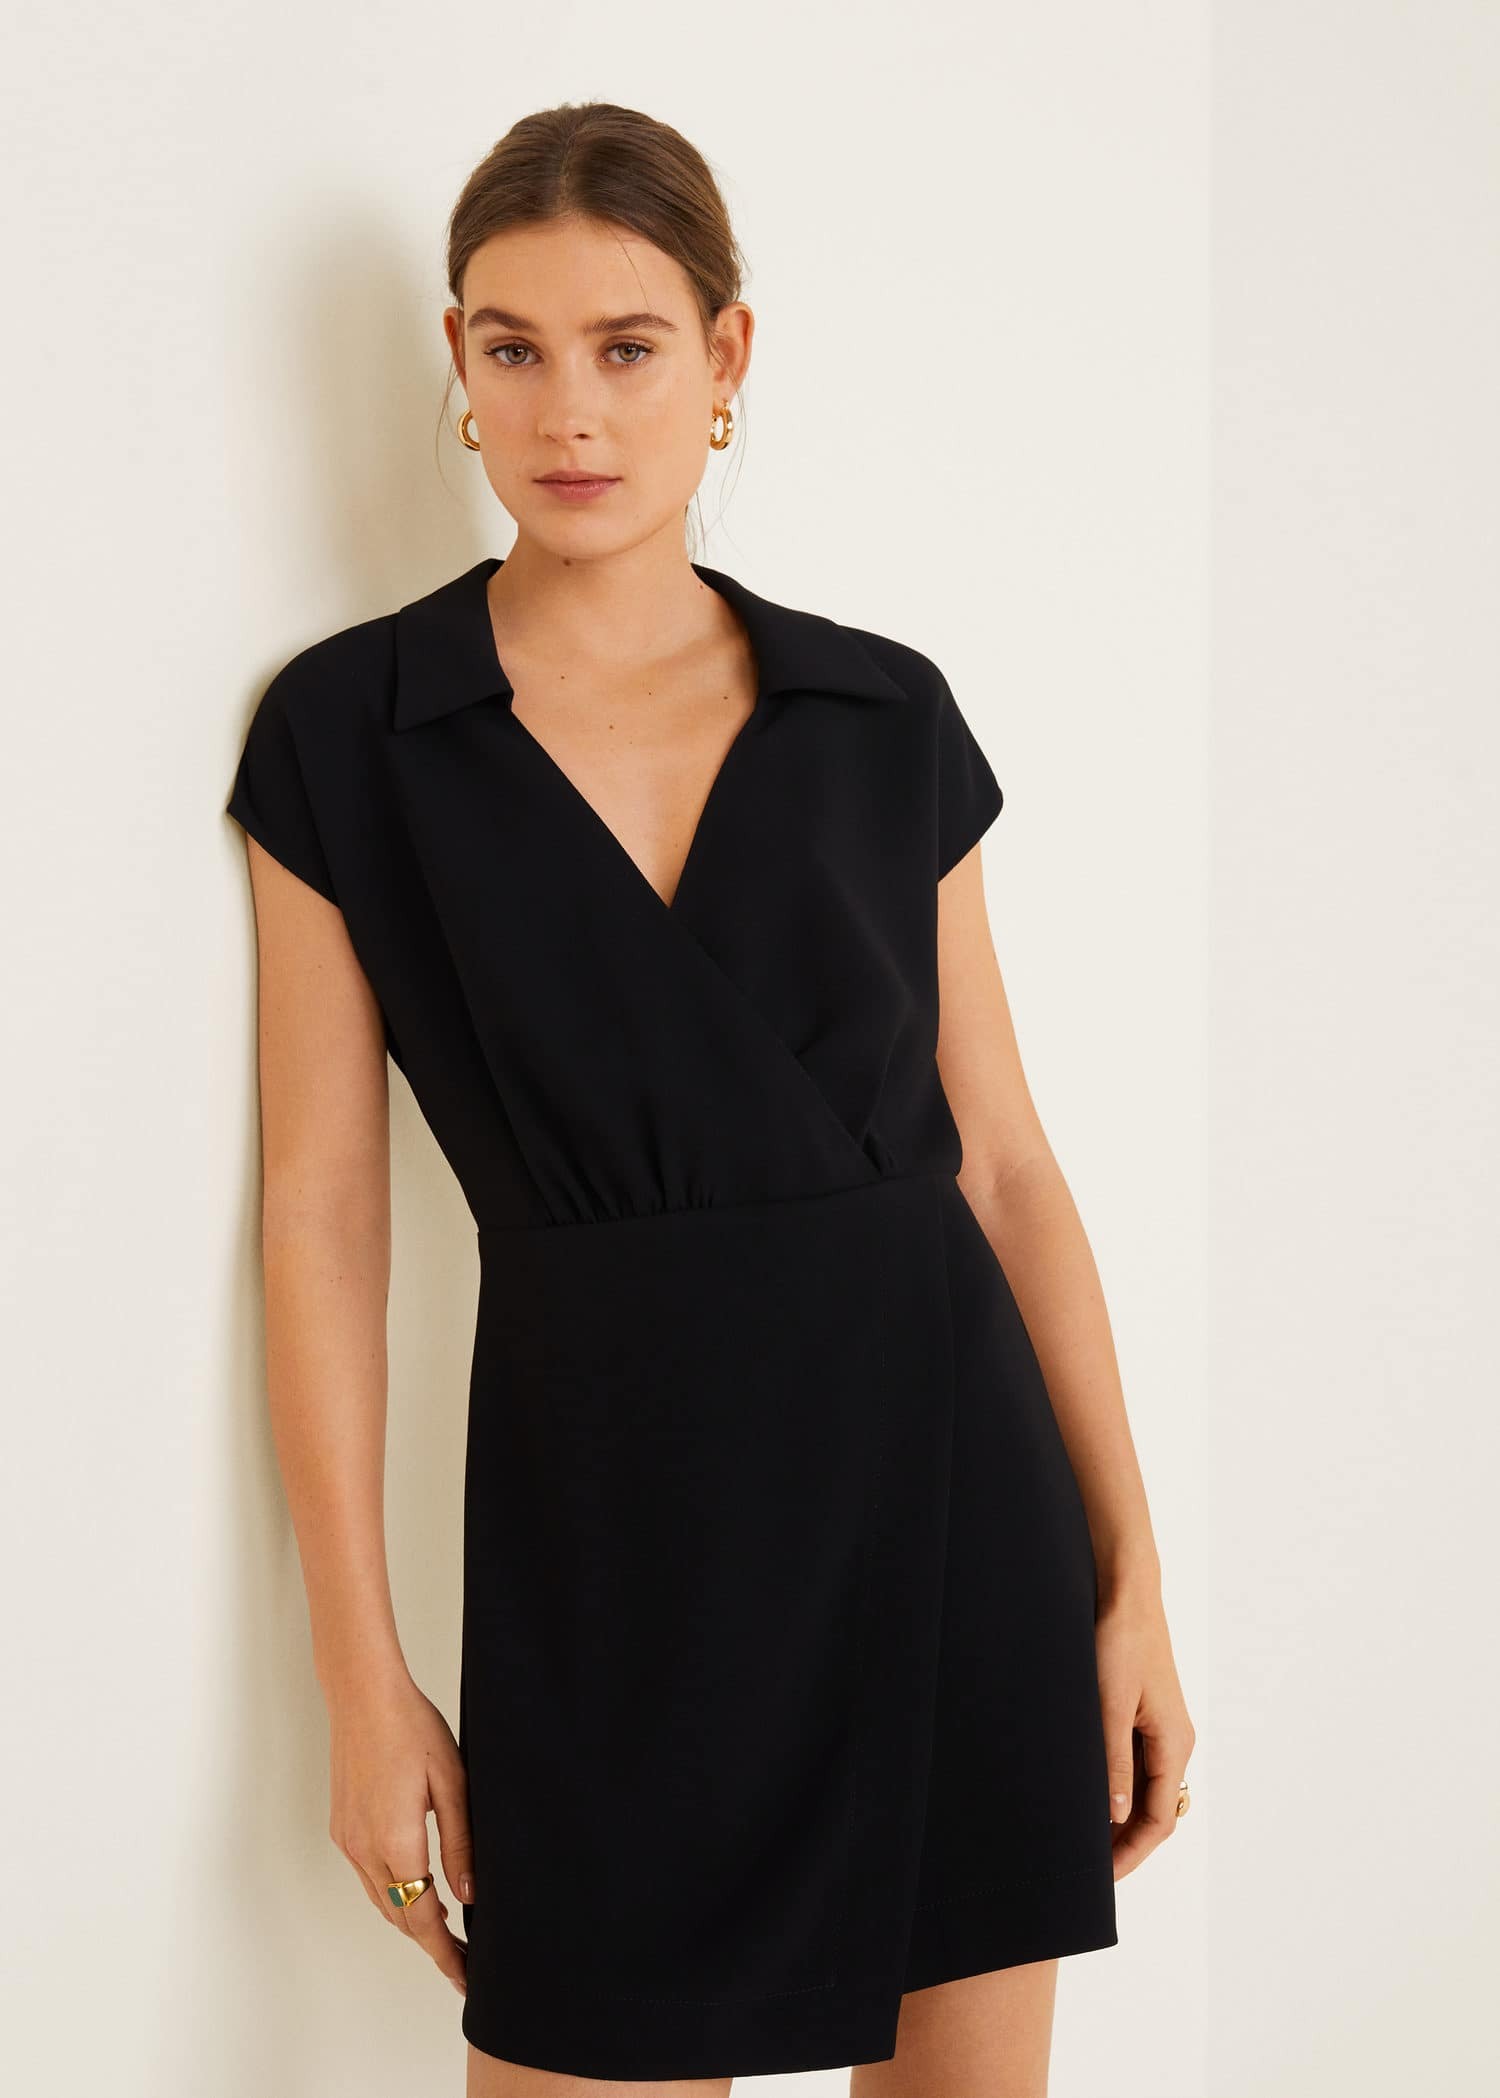 2019 Femme Vêtements France Pour Mango HE5Hqpfw 8fd87388ed3